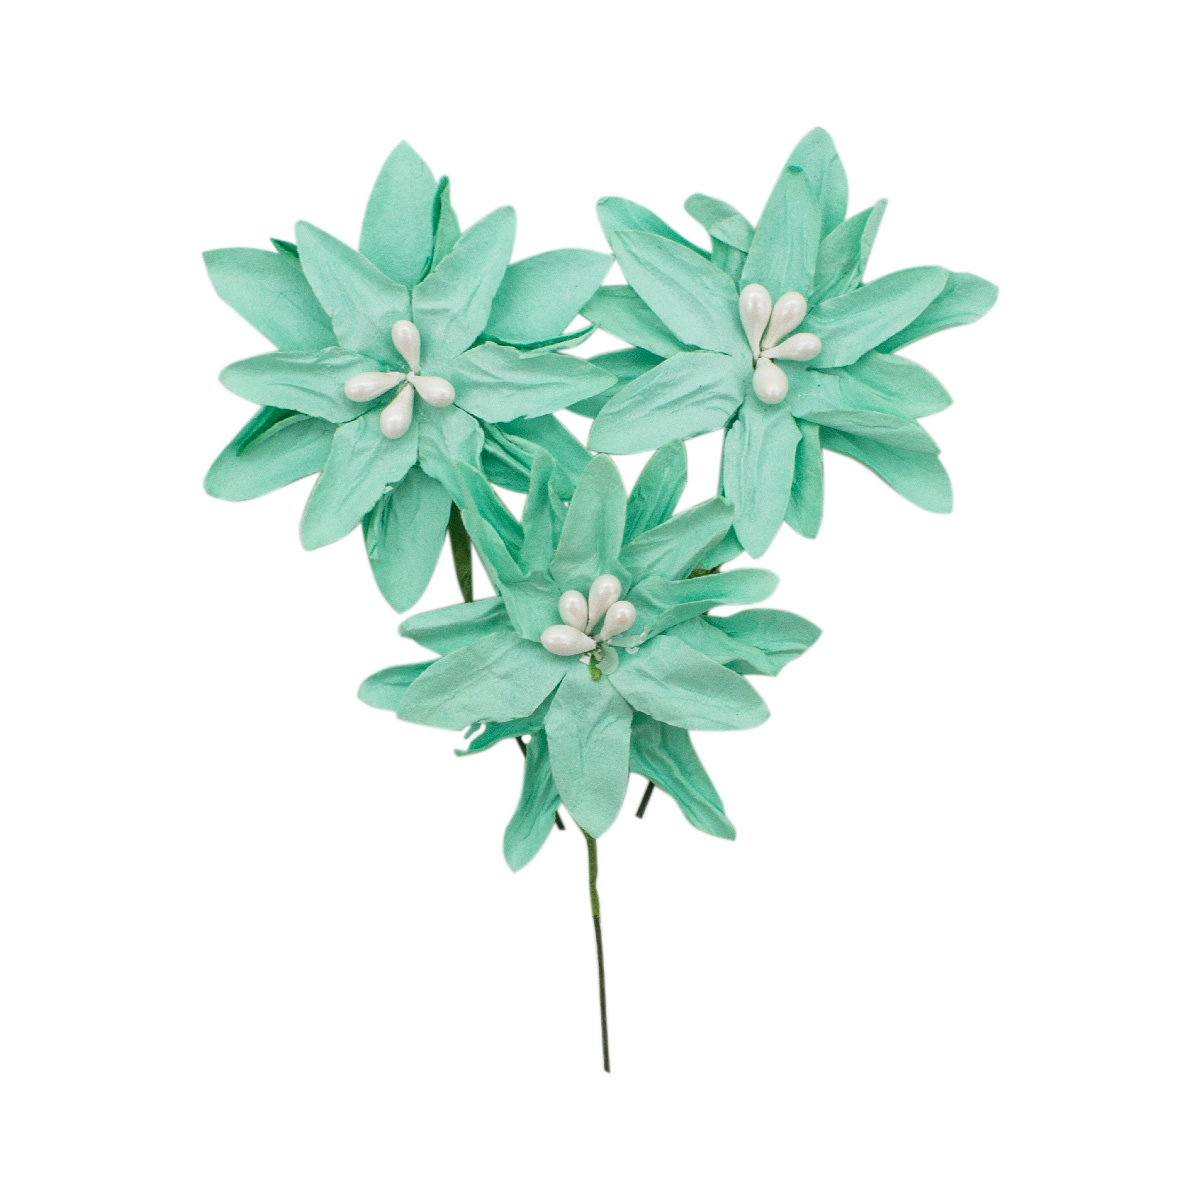 YX15-145 Бумажные цветы 'Ромашки', d 5 см, упак./4 шт., 'Астра'